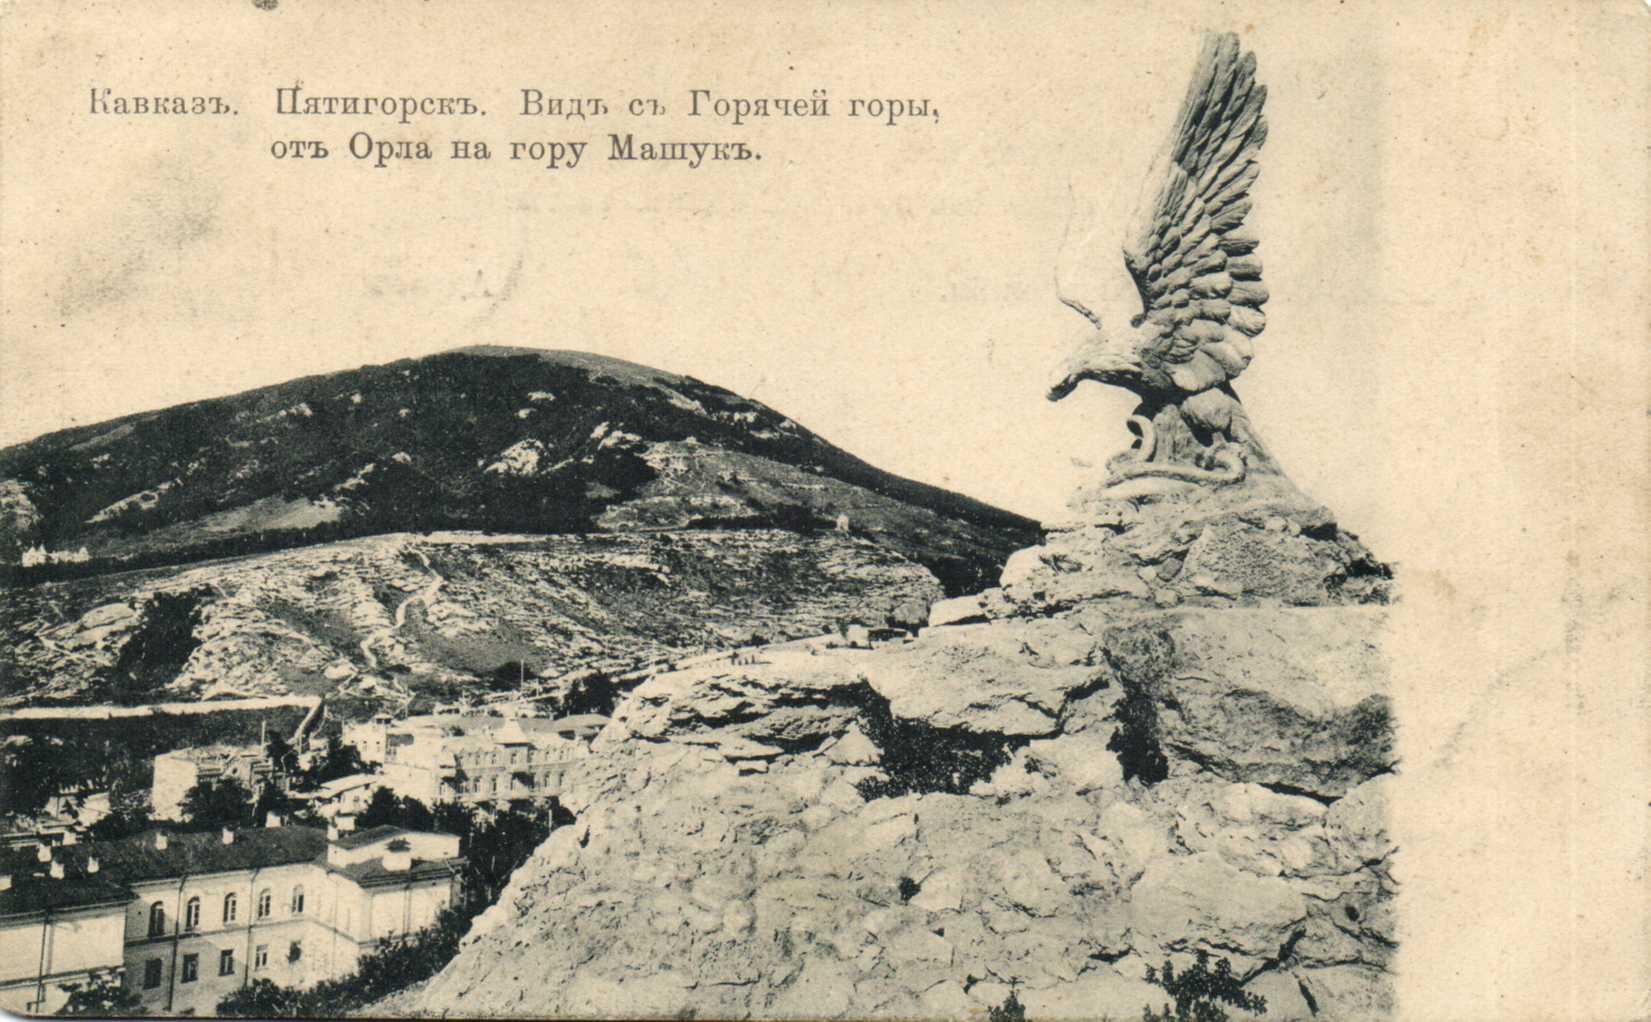 Старое, ретро-фото города Пятигорска.  Орел, гора Горячая, Машук.